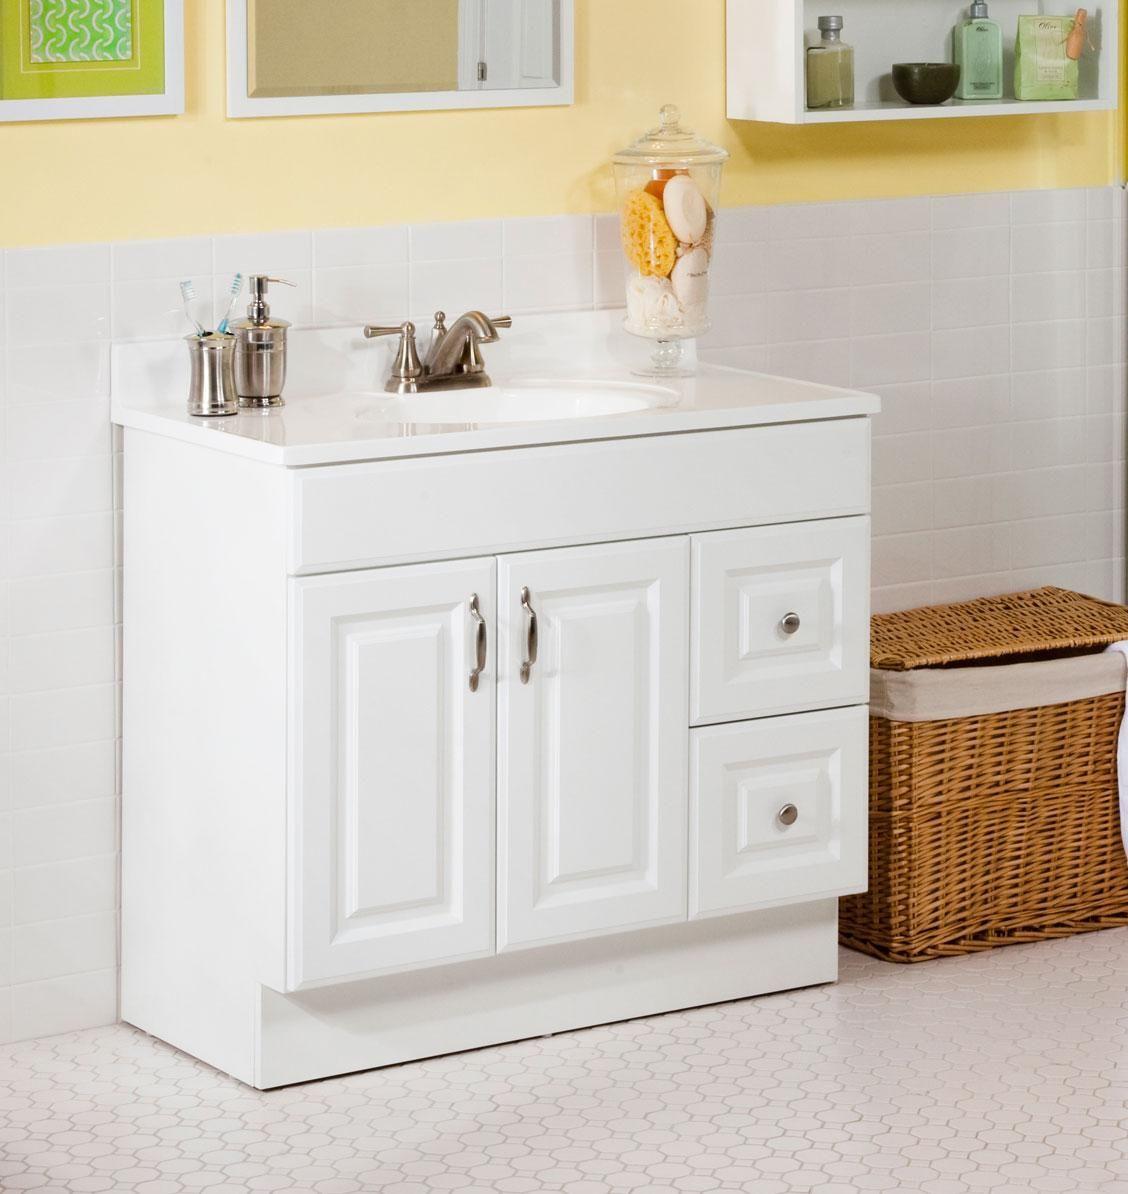 Modest Cute Bathroom Vanity No Gap Between Vanity And Floor Our